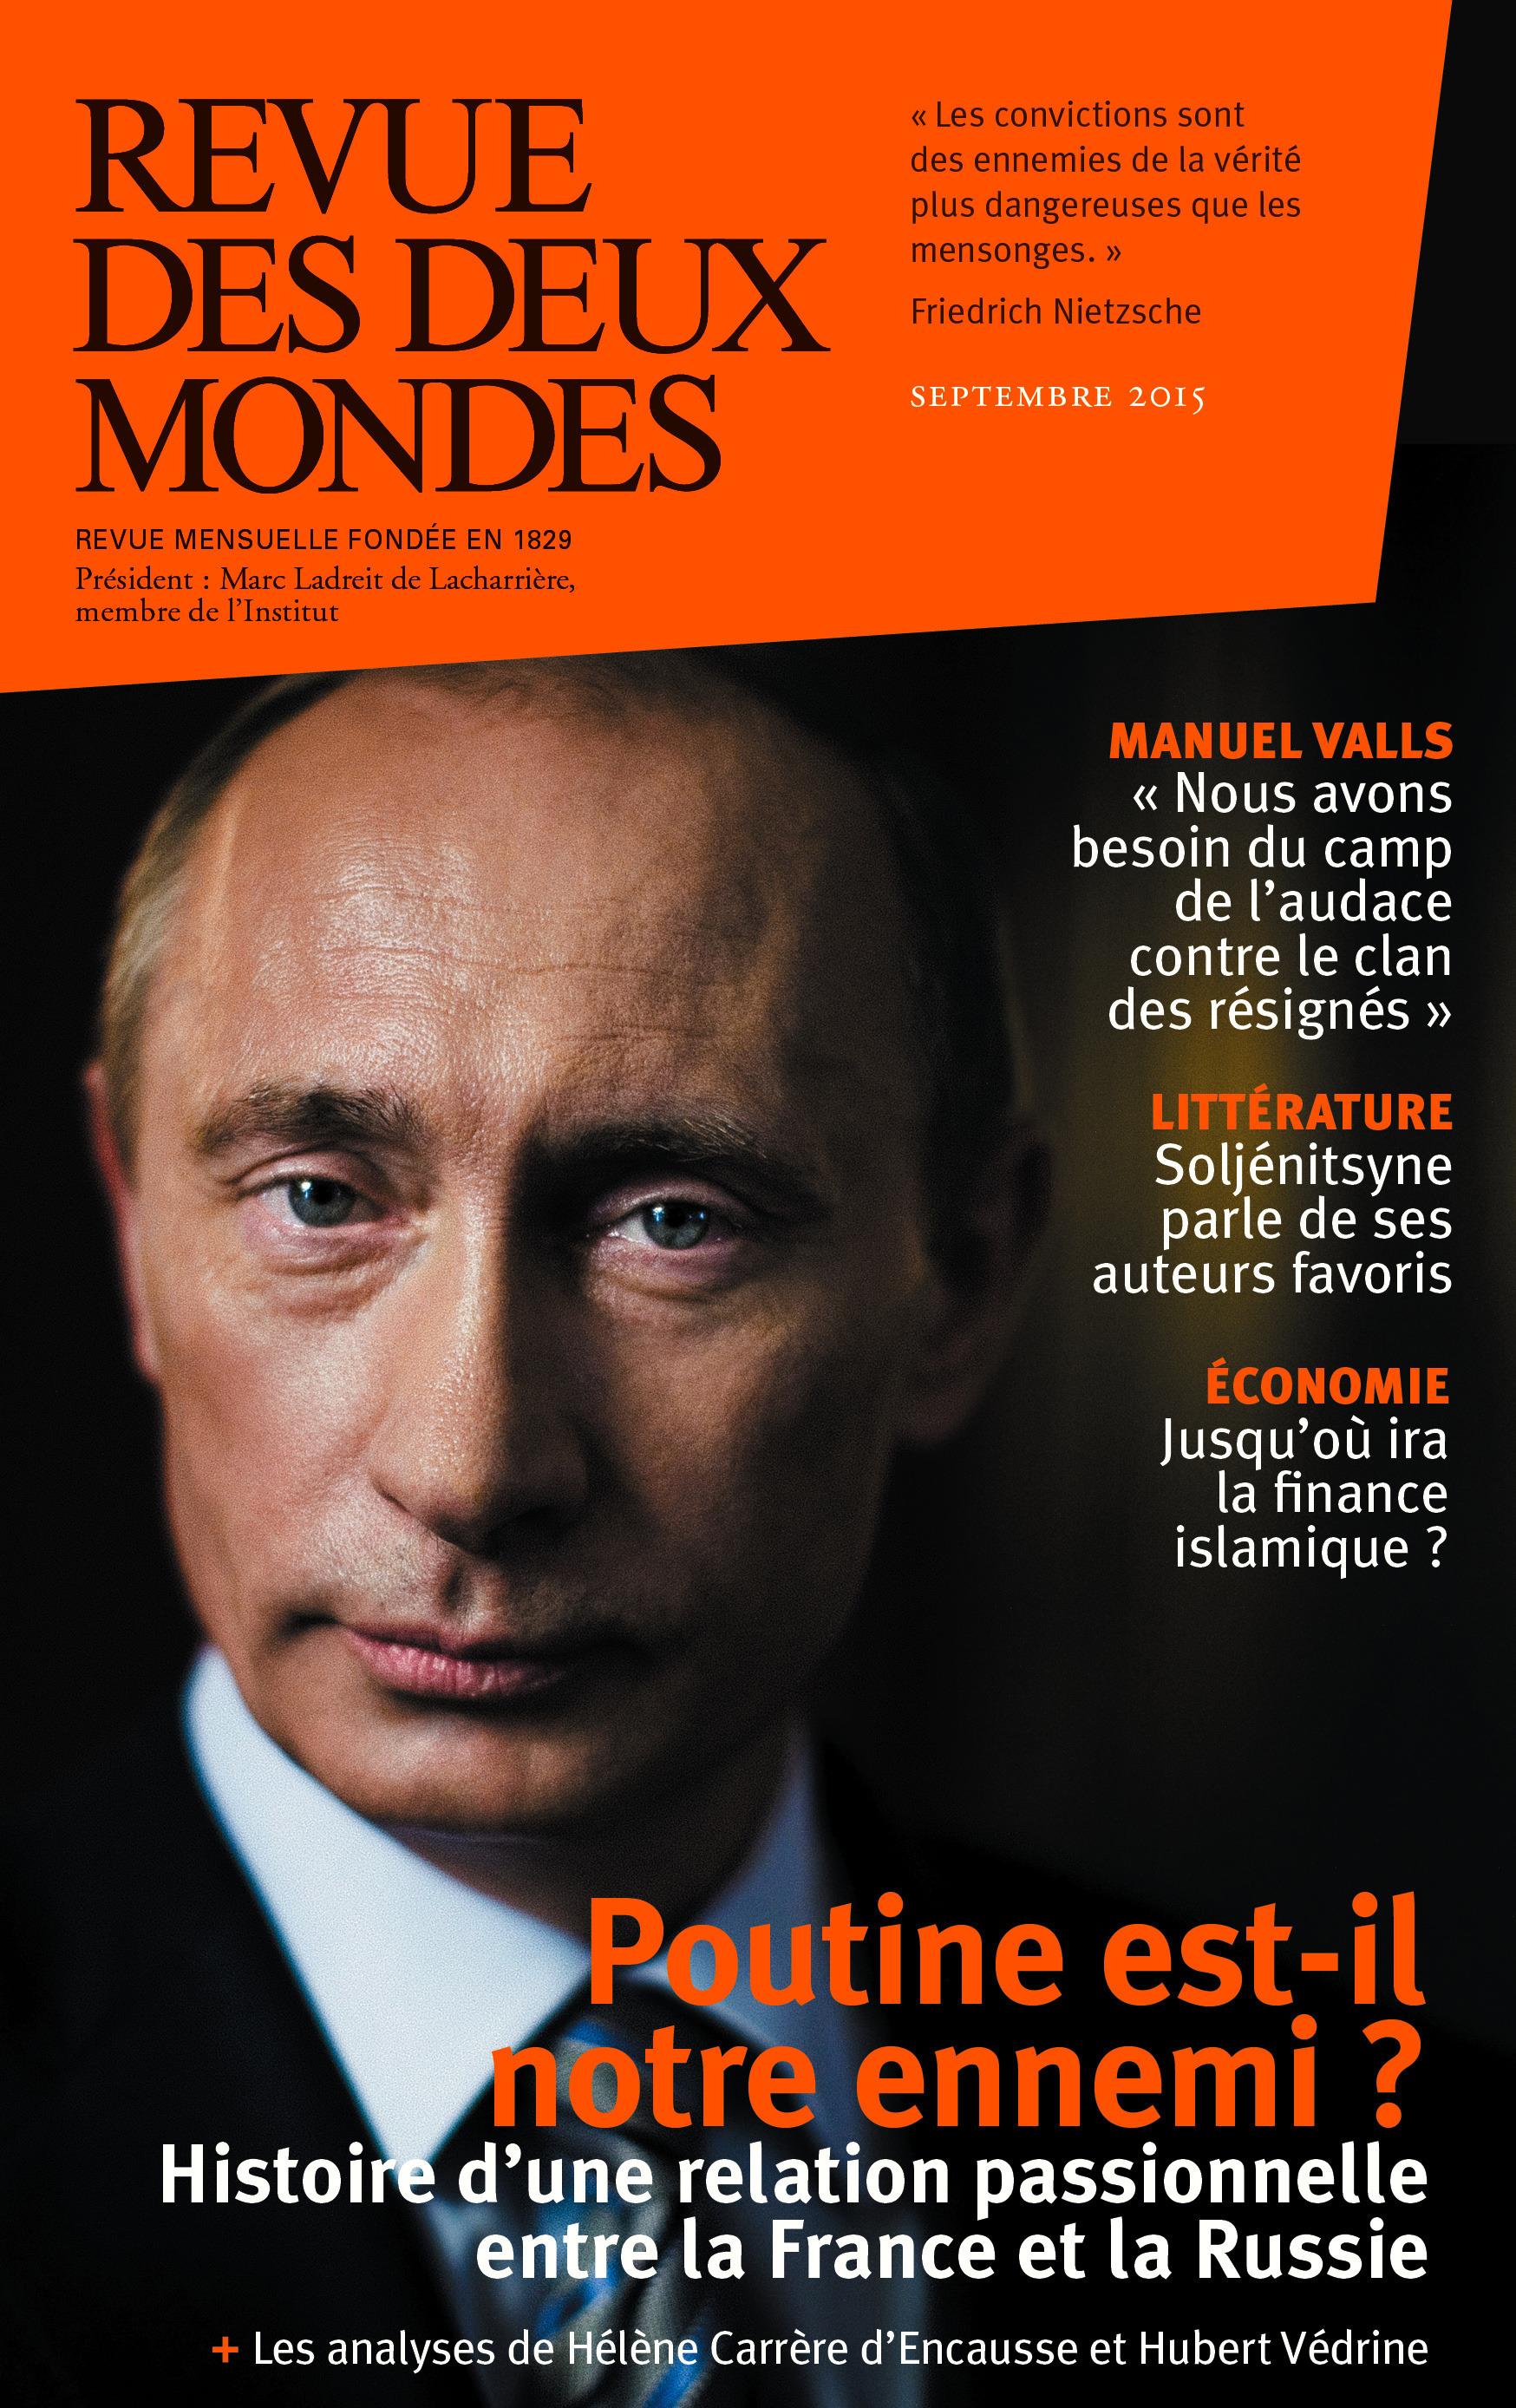 REVUE DES DEUX MONDES ; que veut Poutine ?